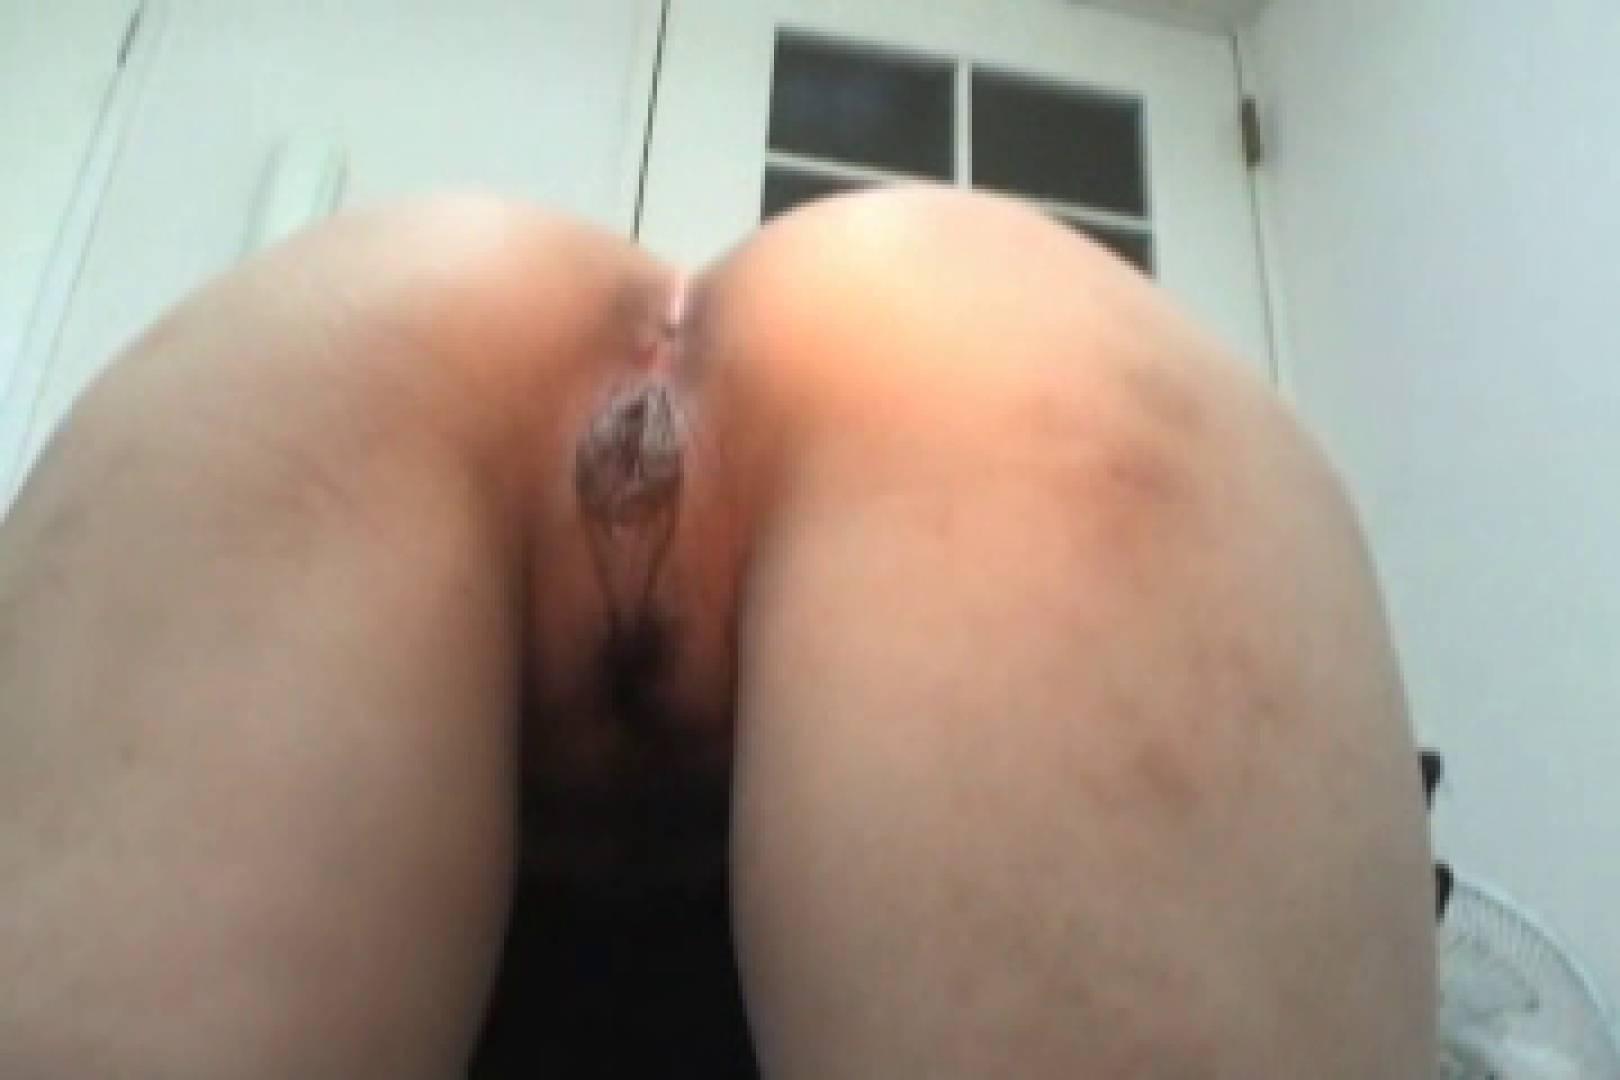 パンツ売りの女の子 ゆづきちゃんvol.1 フェラ   HなOL  69pic 31